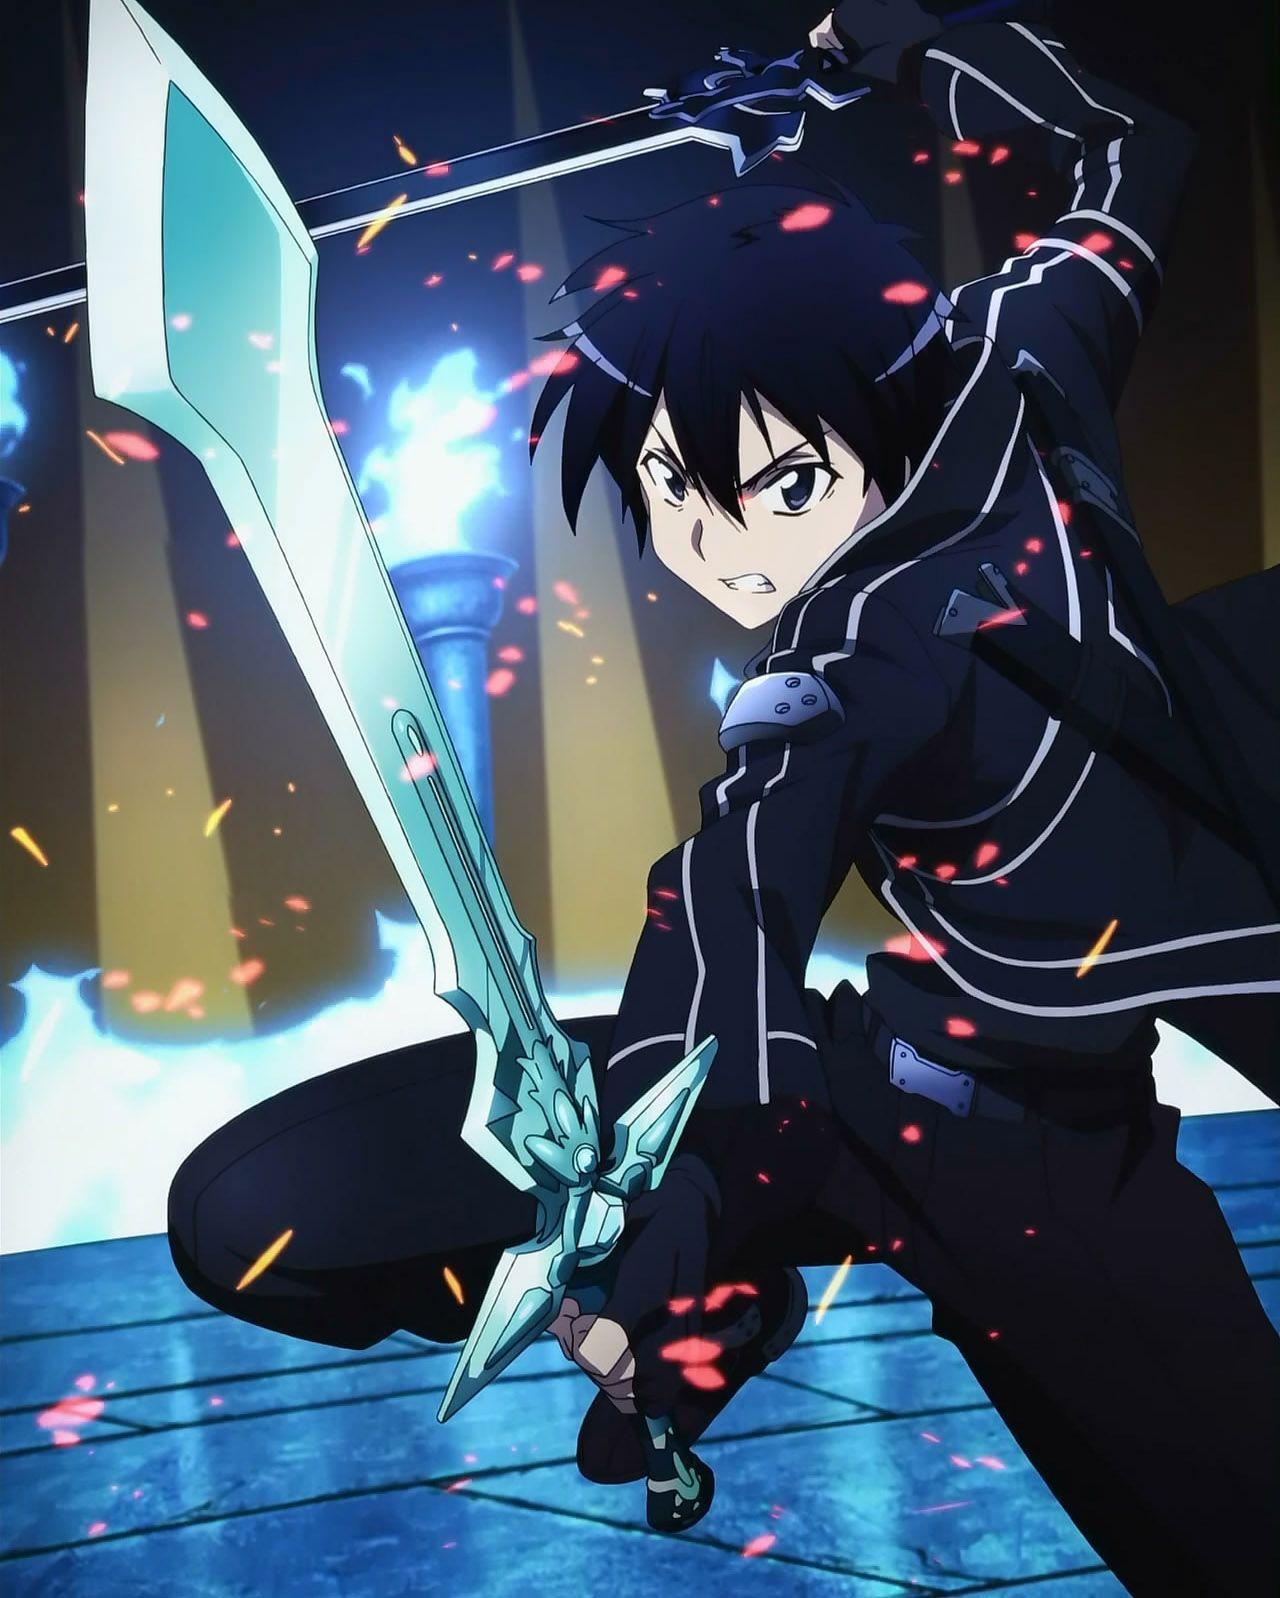 Japanese Manga series Sword Art Online Sword art online